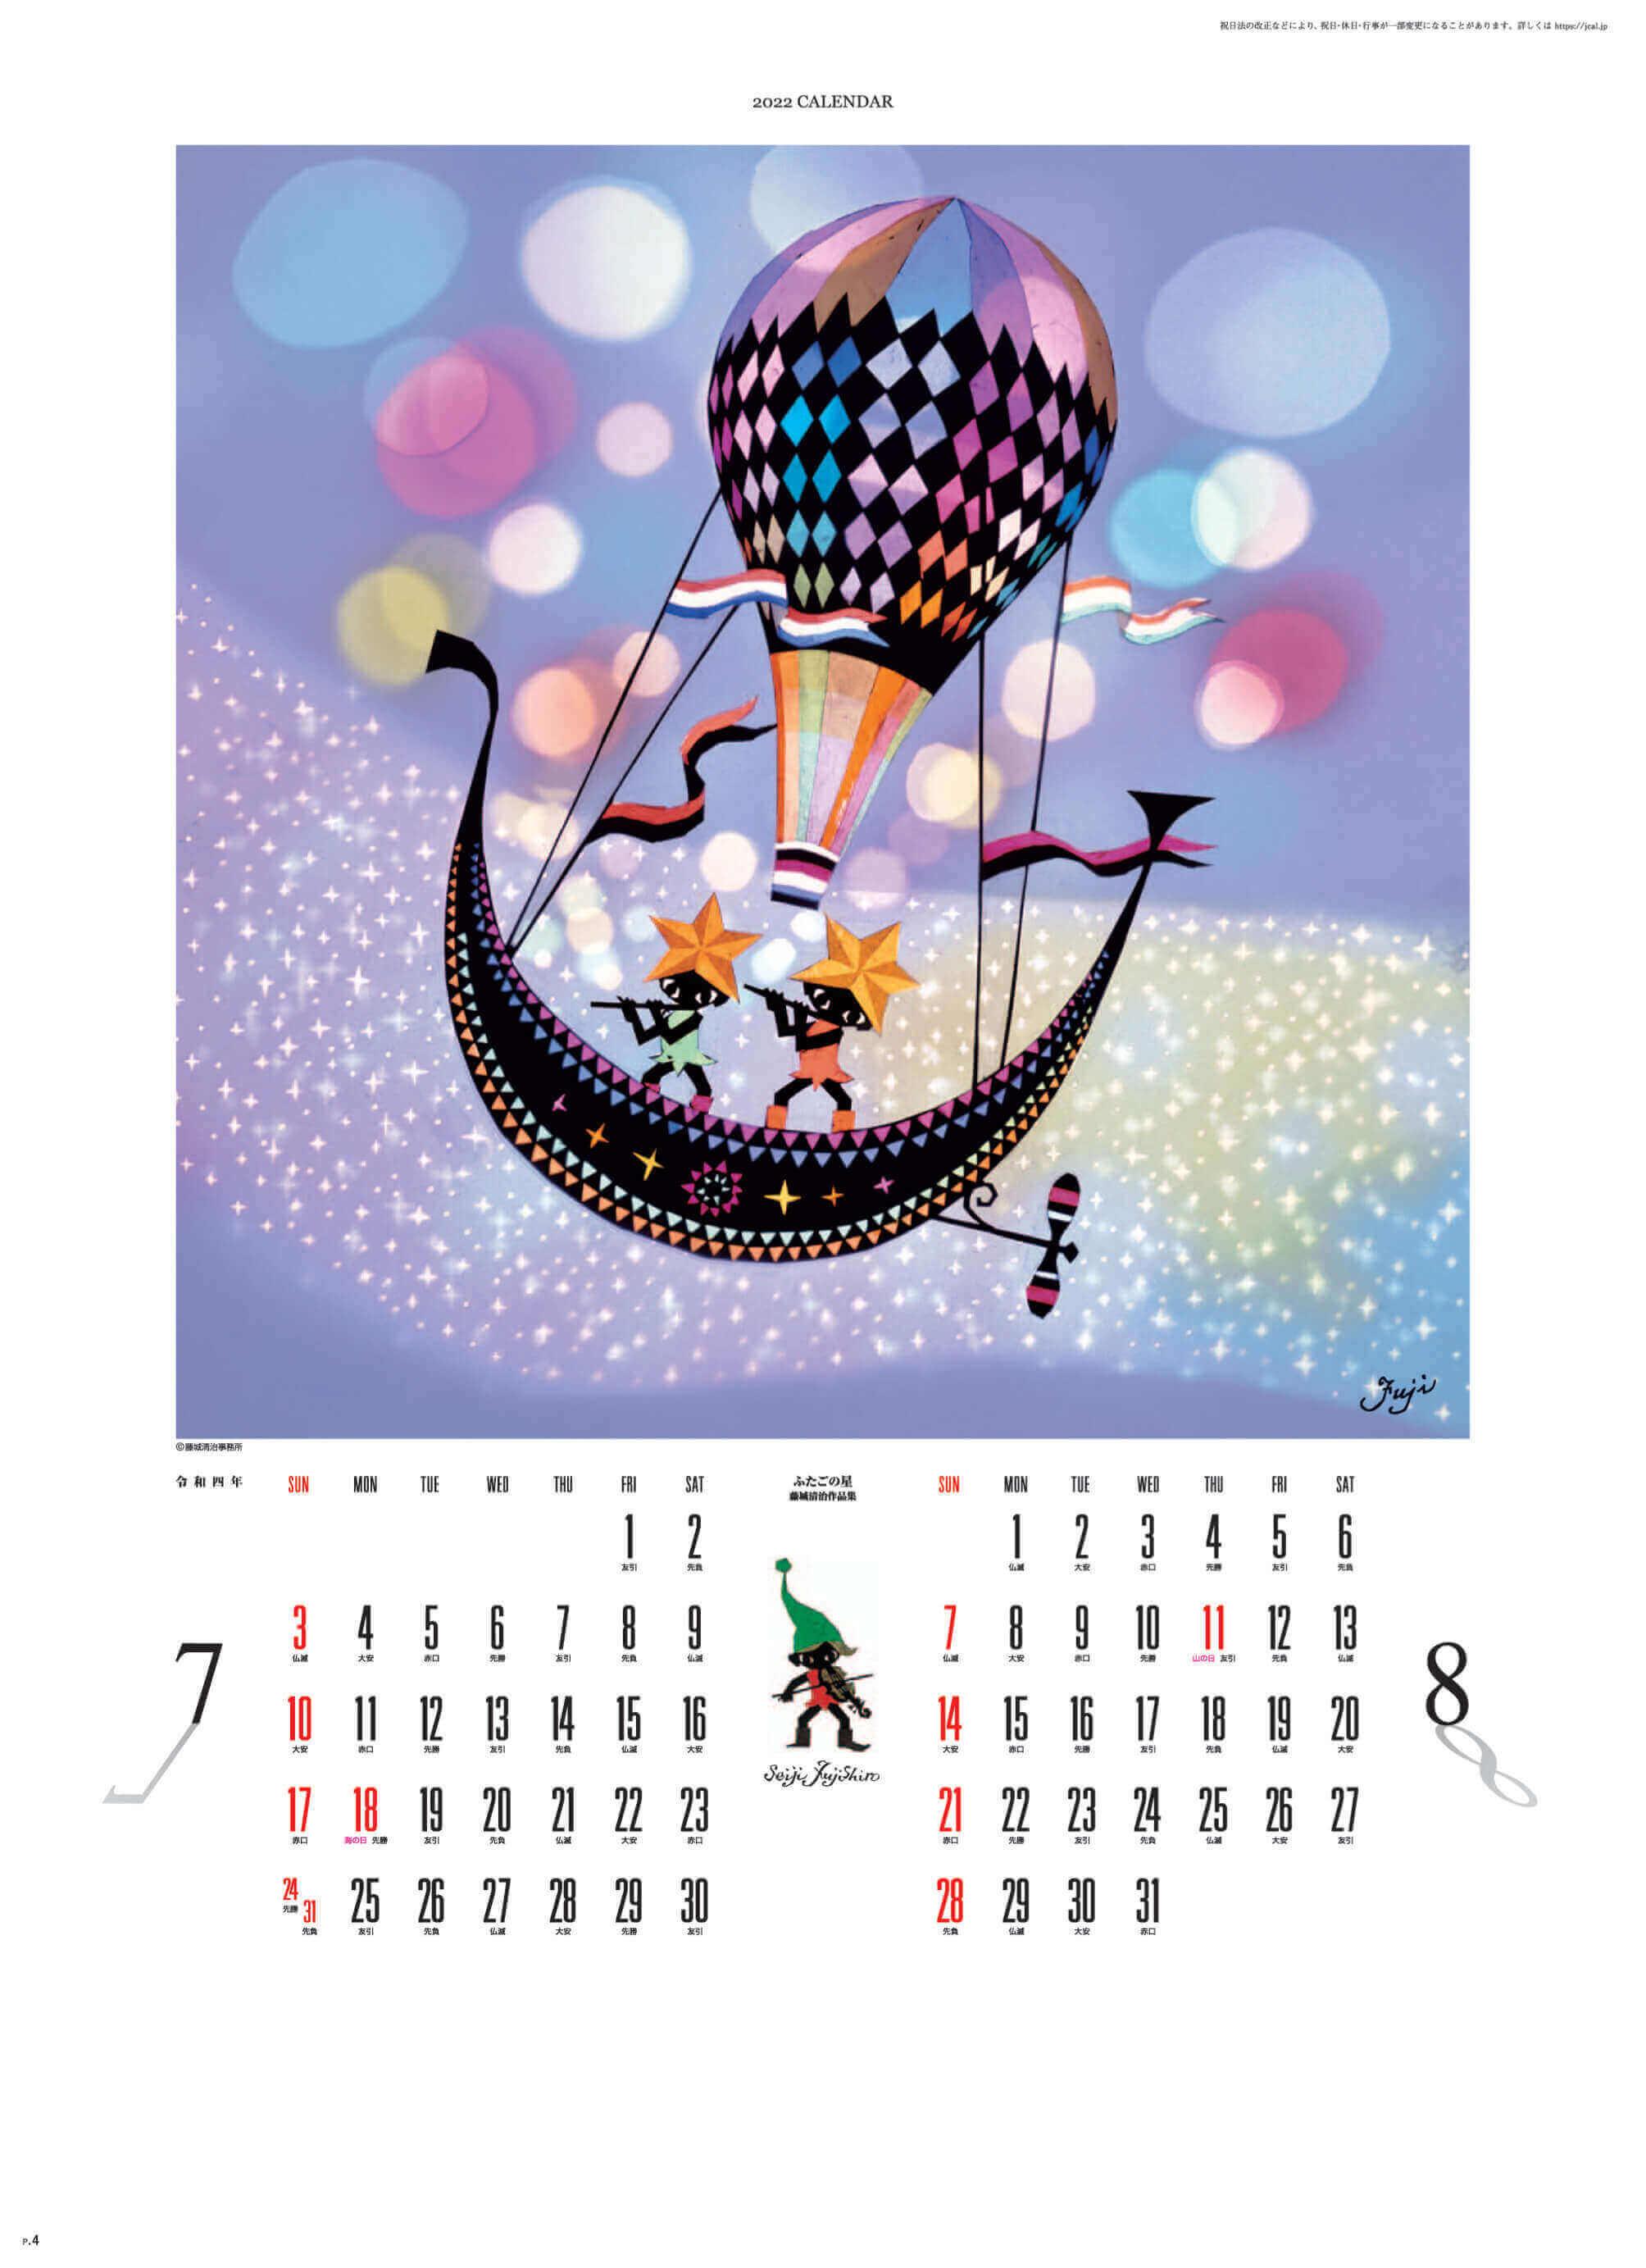 7-8月 ふたごの星 遠い日の風景から(影絵) 藤城清治 2022年カレンダーの画像